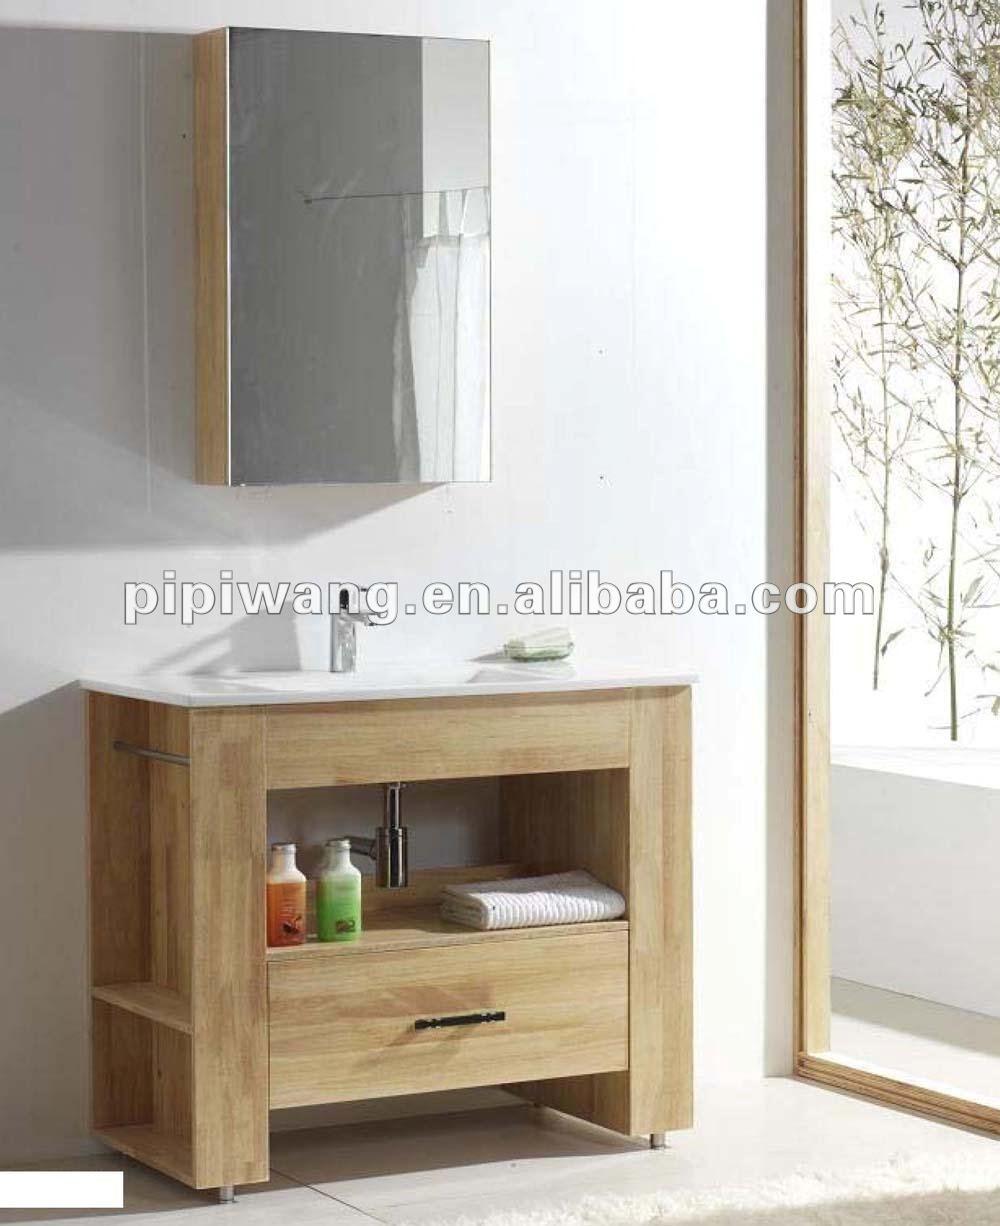 Moderno 90 cm teak massello mobili da bagno in legno - Mobili bagno in legno ...